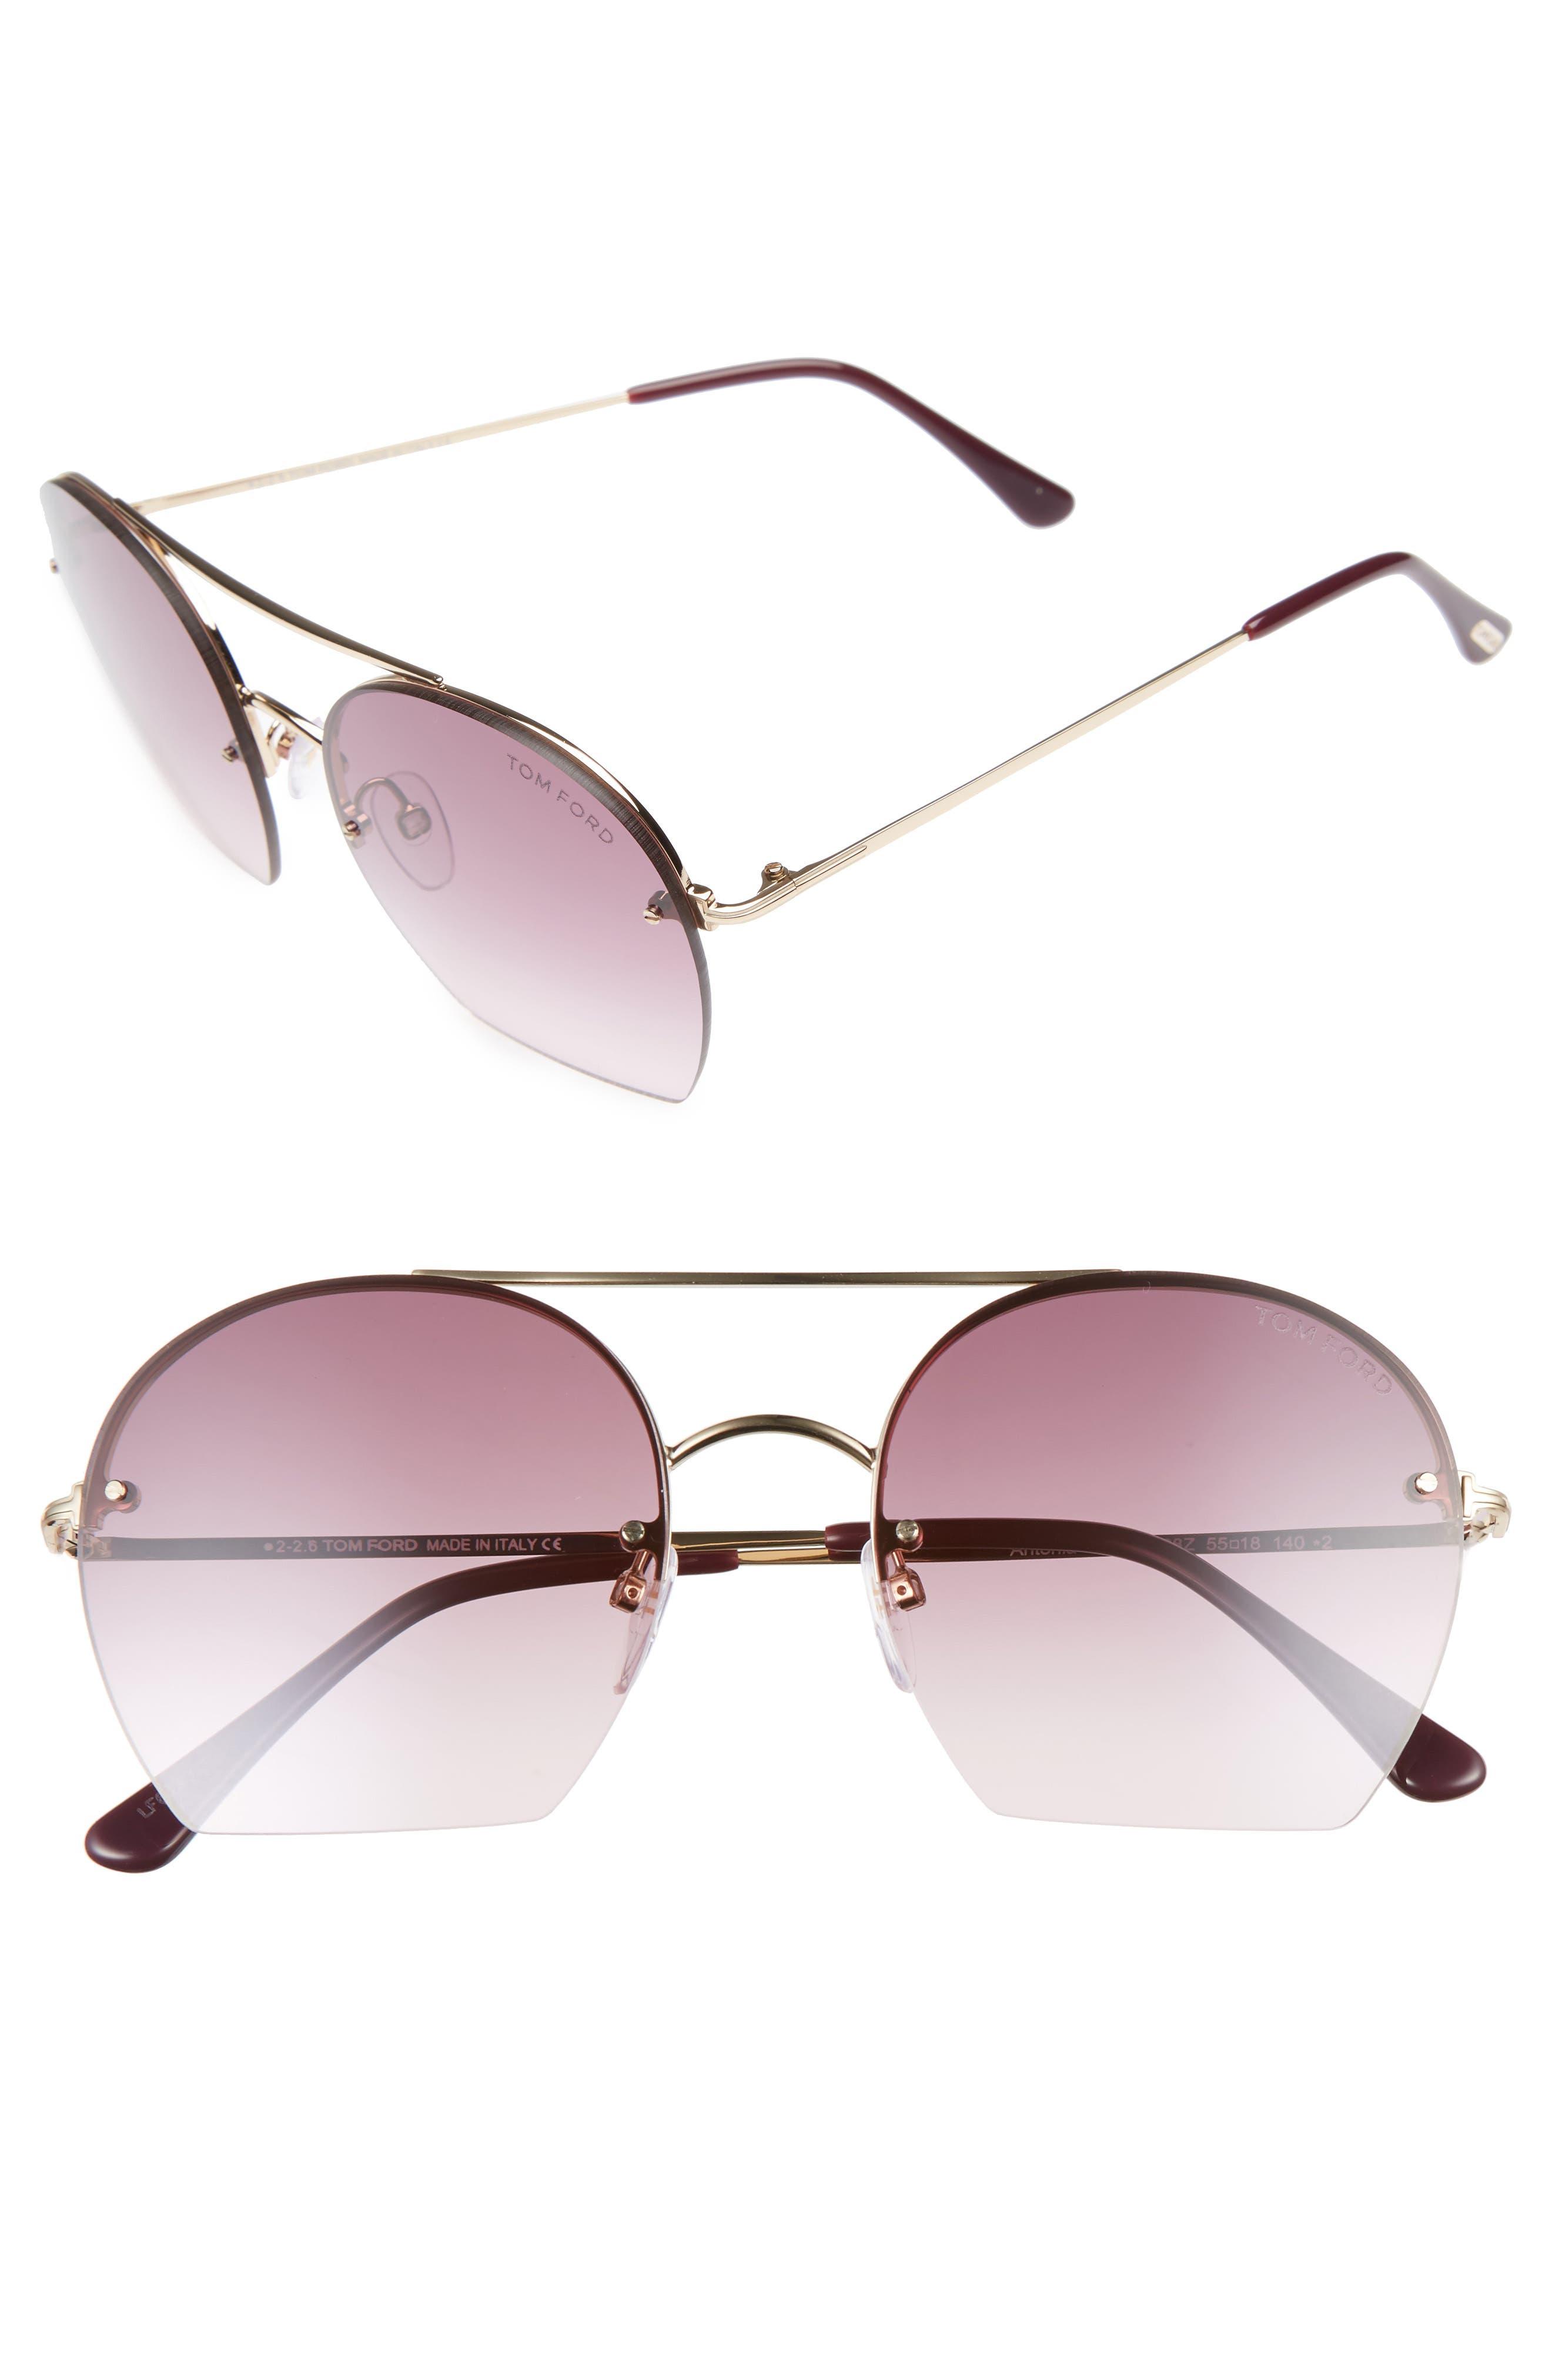 Antonia 55mm Gradient Lens Aviator Sunglasses,                             Main thumbnail 1, color,                             Rose Gold/ Plum/ Gradient Pink